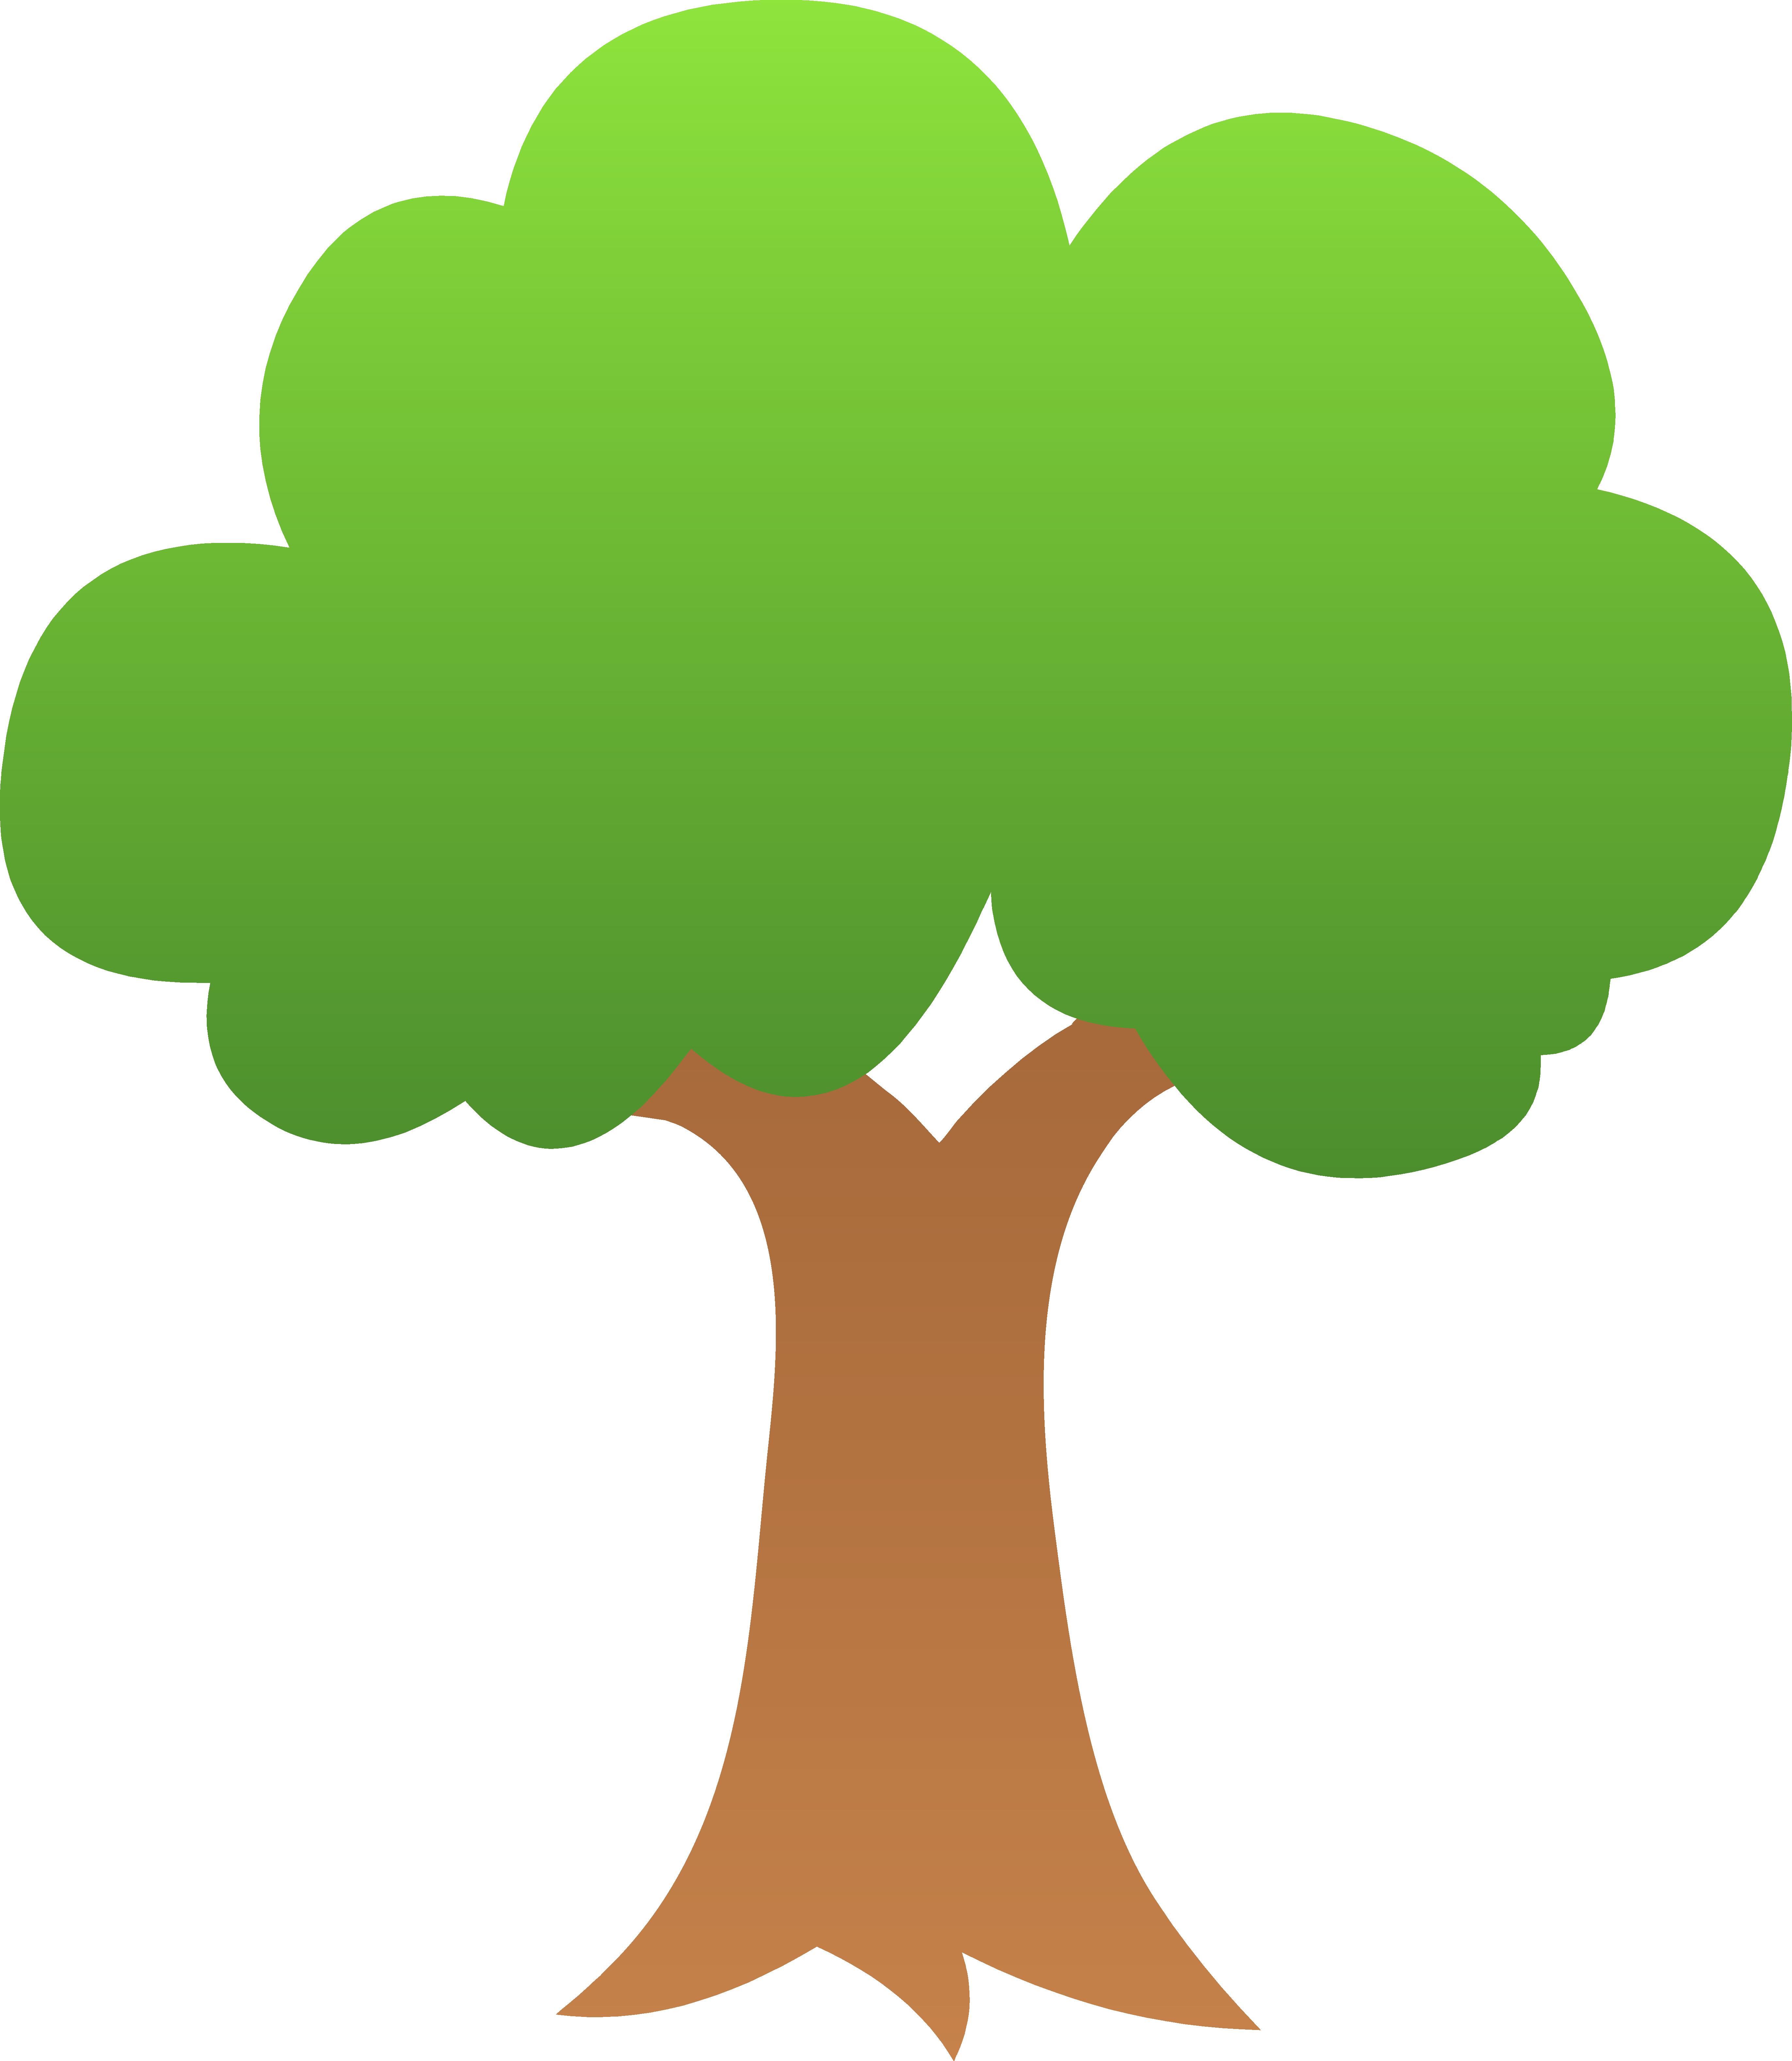 tree clipart-tree clipart-1